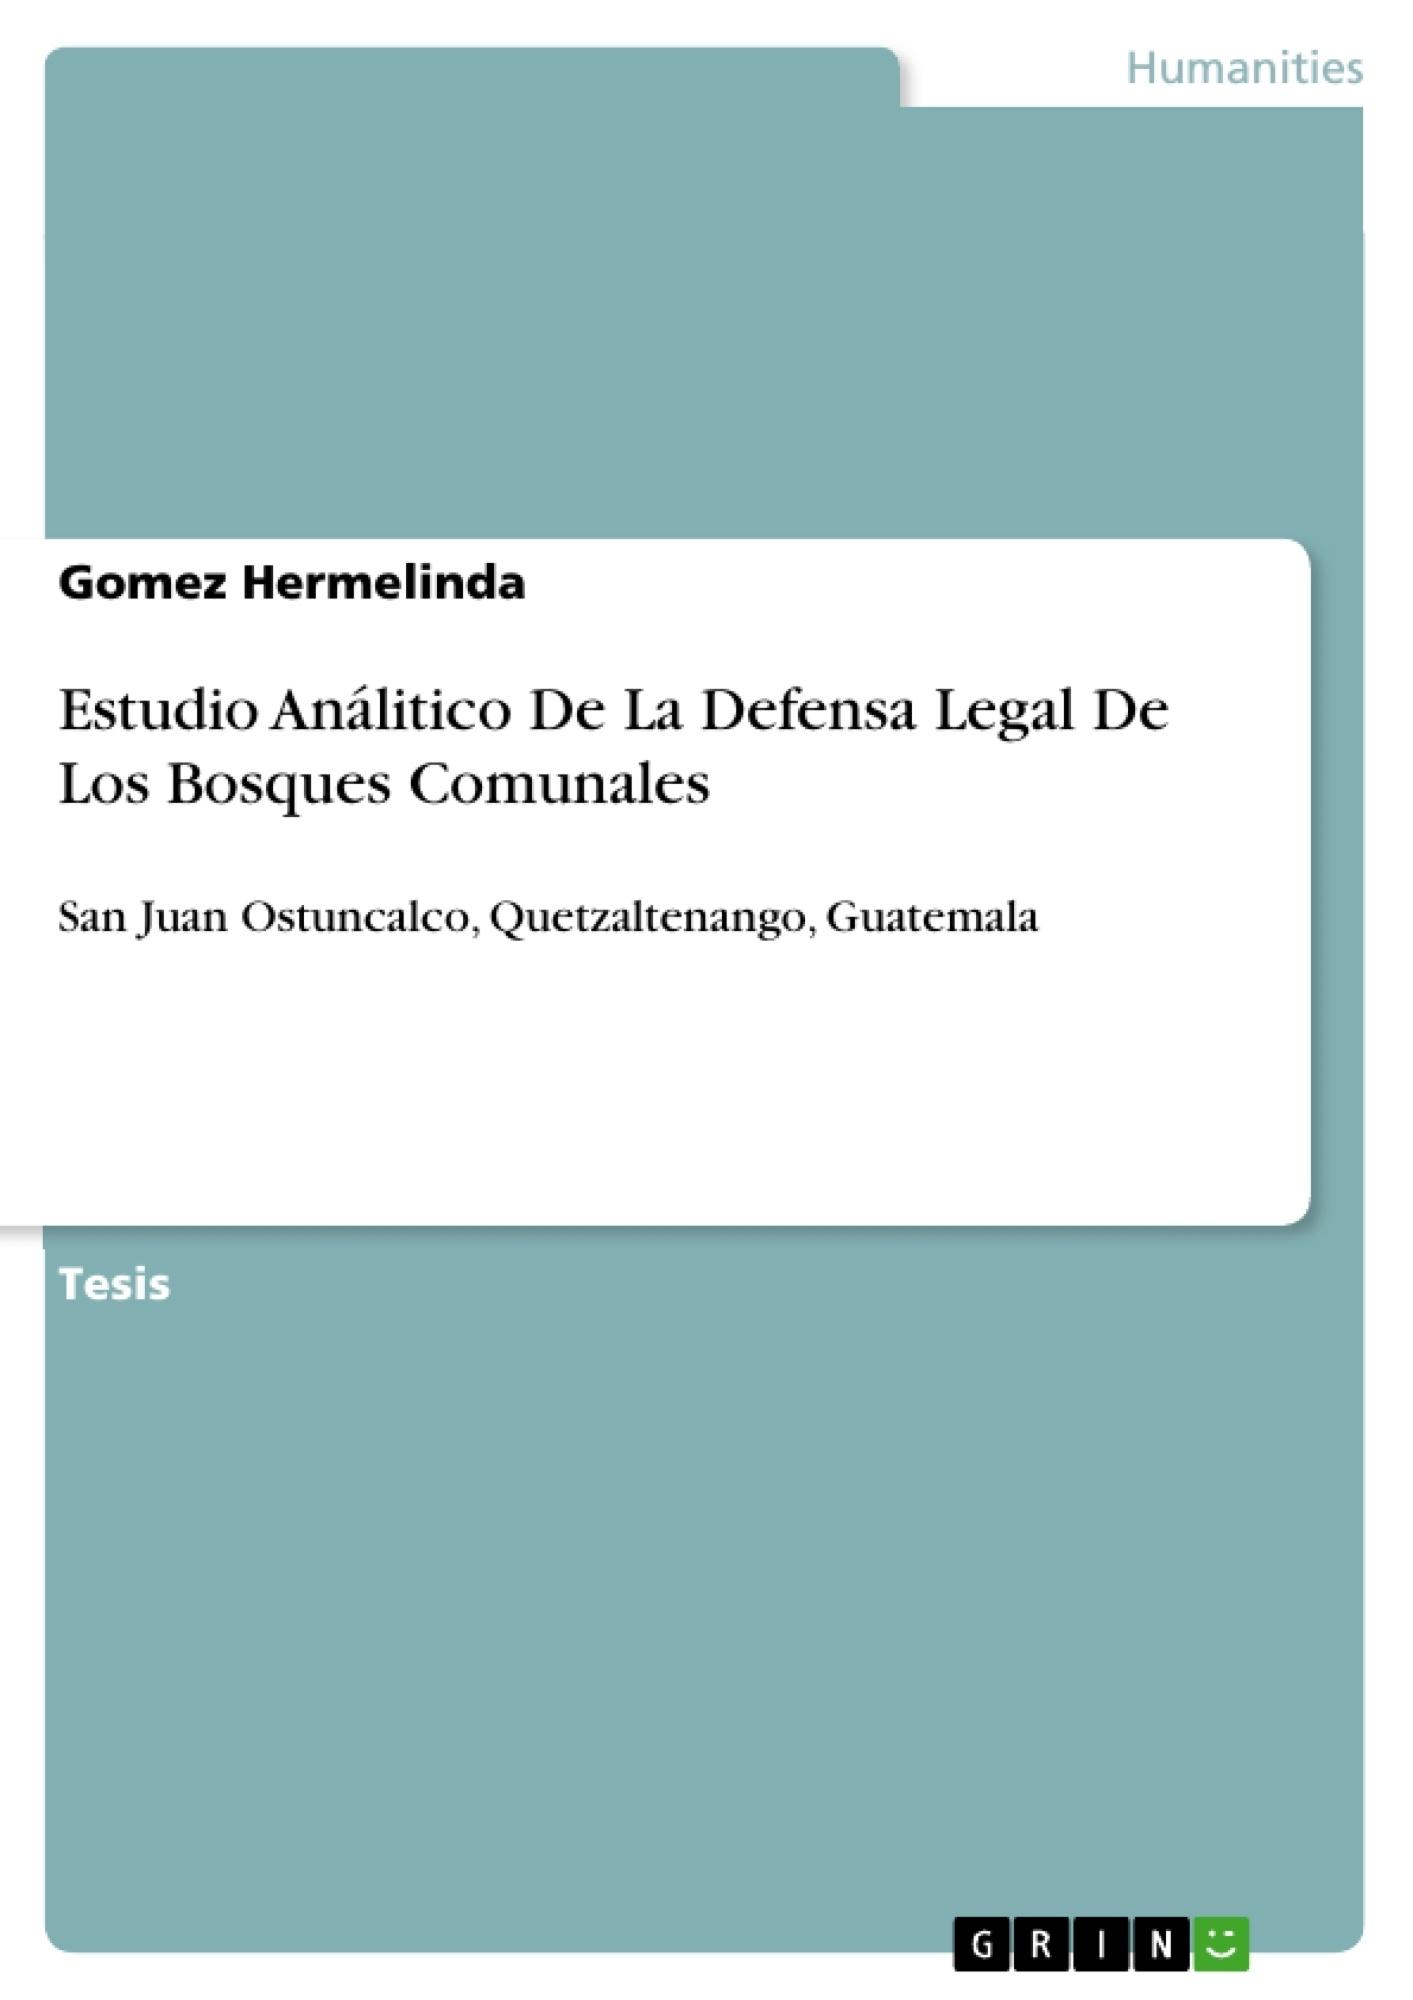 Título: Estudio Análitico De La Defensa Legal De Los Bosques Comunales